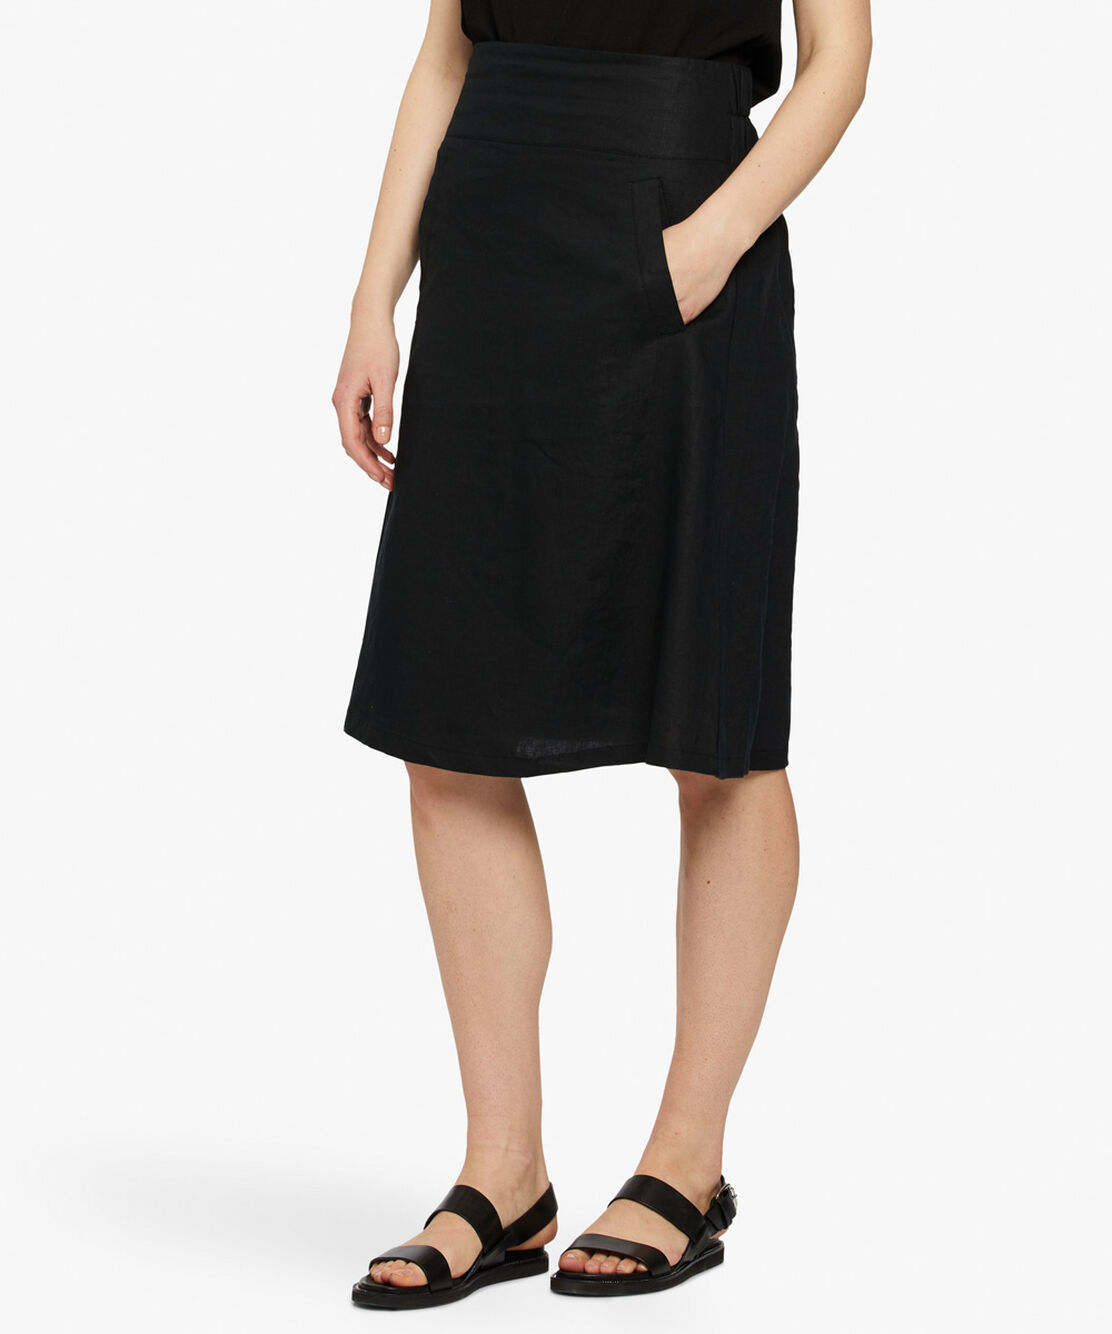 SAPHIRA NEDERDEL, Black, hi-res